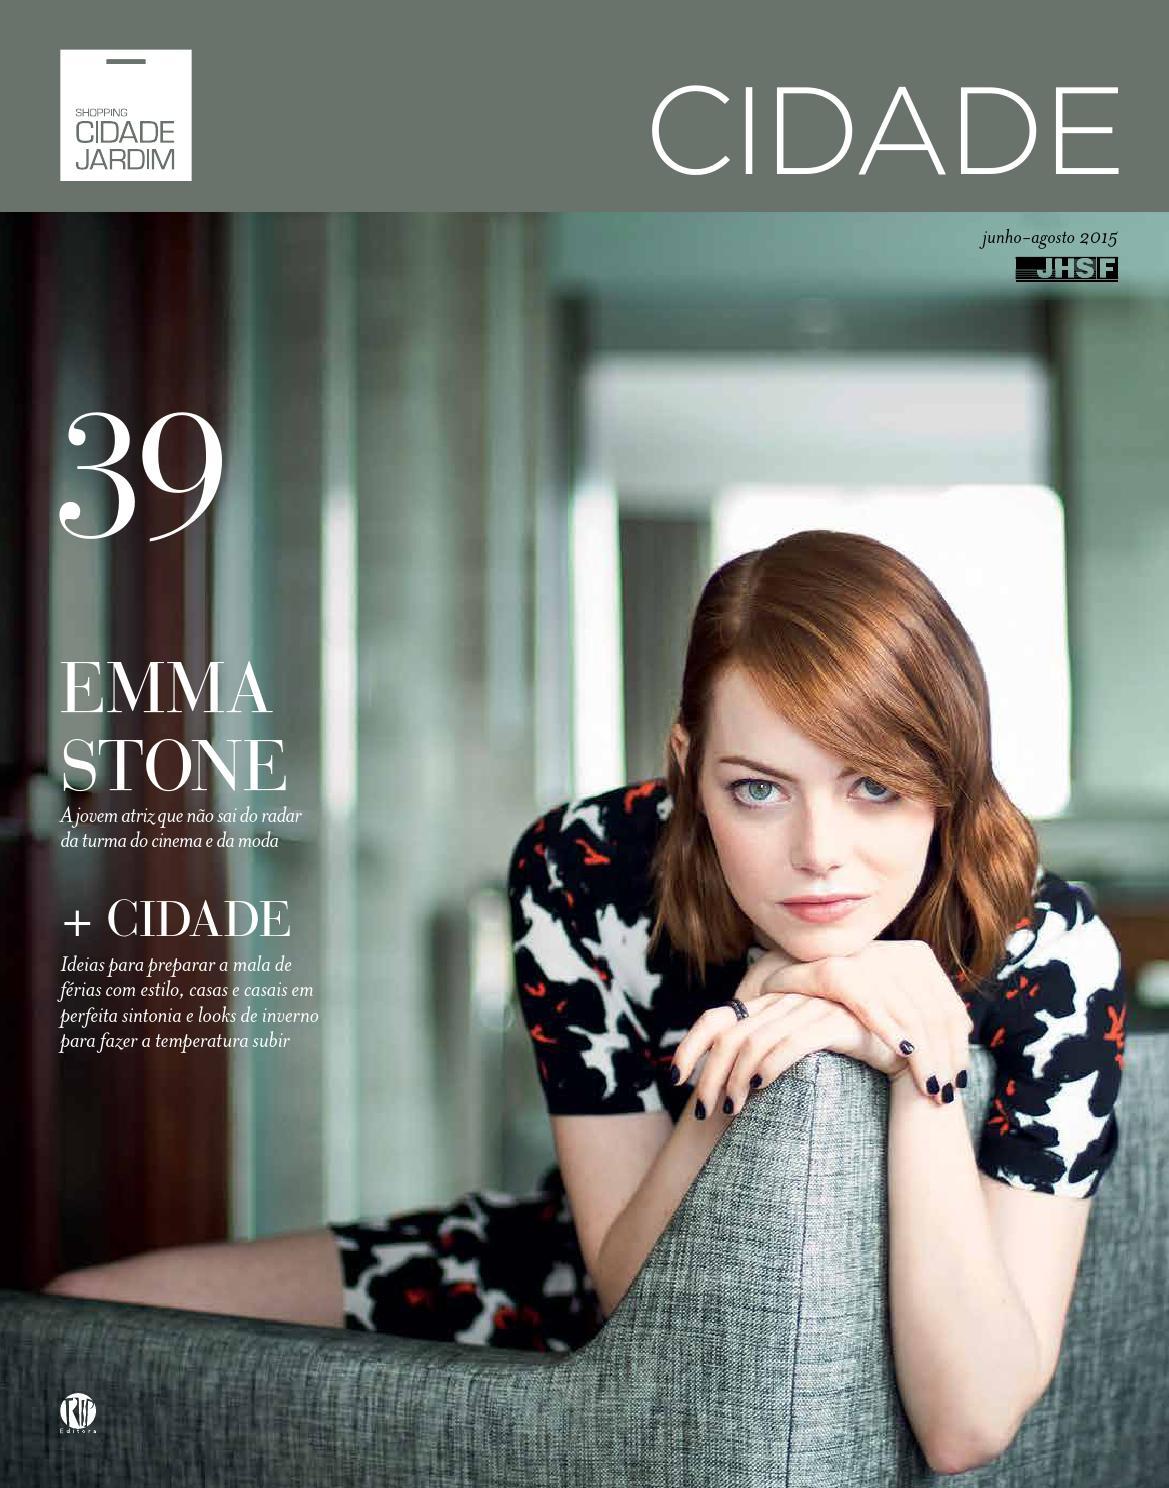 a40c542e679 Revista Cidade 39 by Shopping Cidade Jardim - issuu